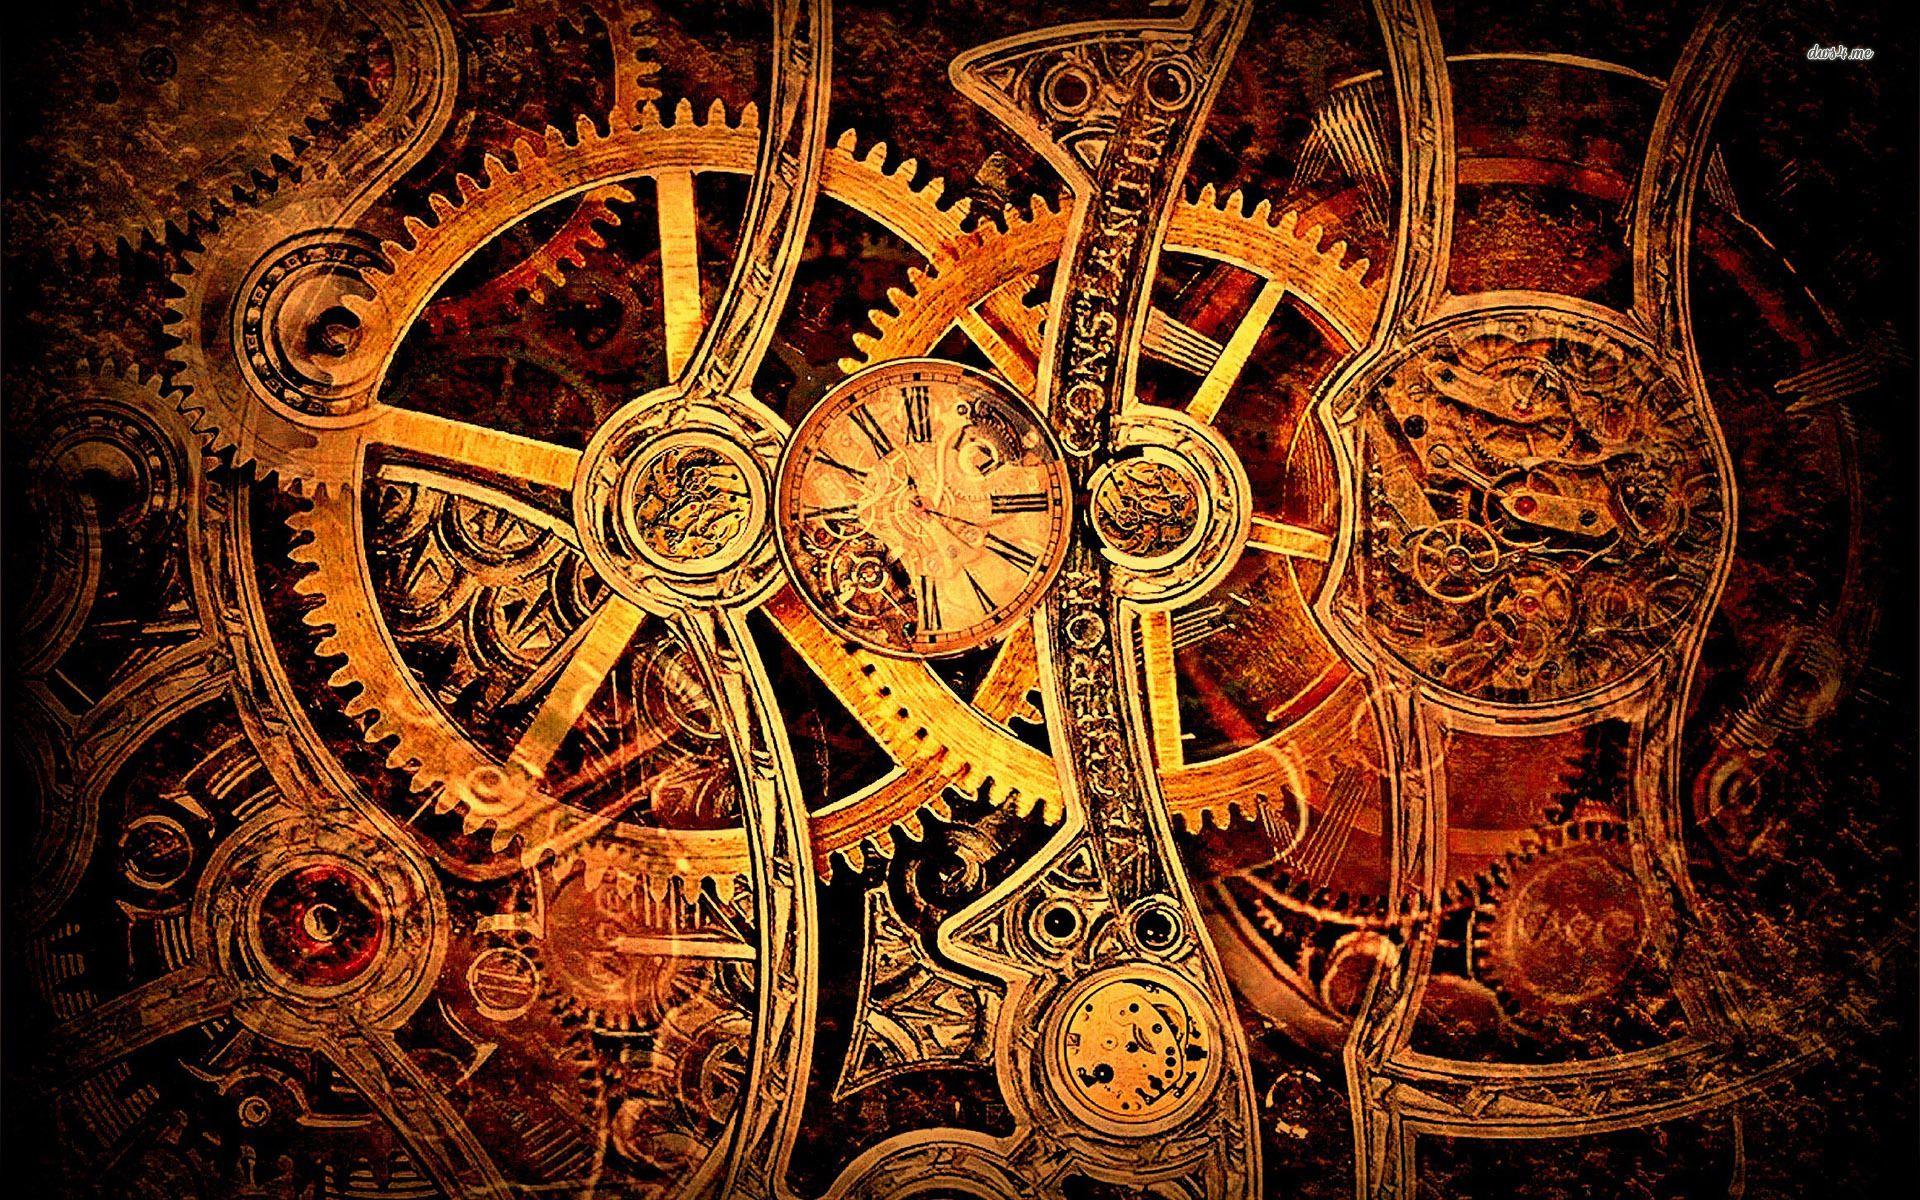 Steampunk/Tim Burton Styles